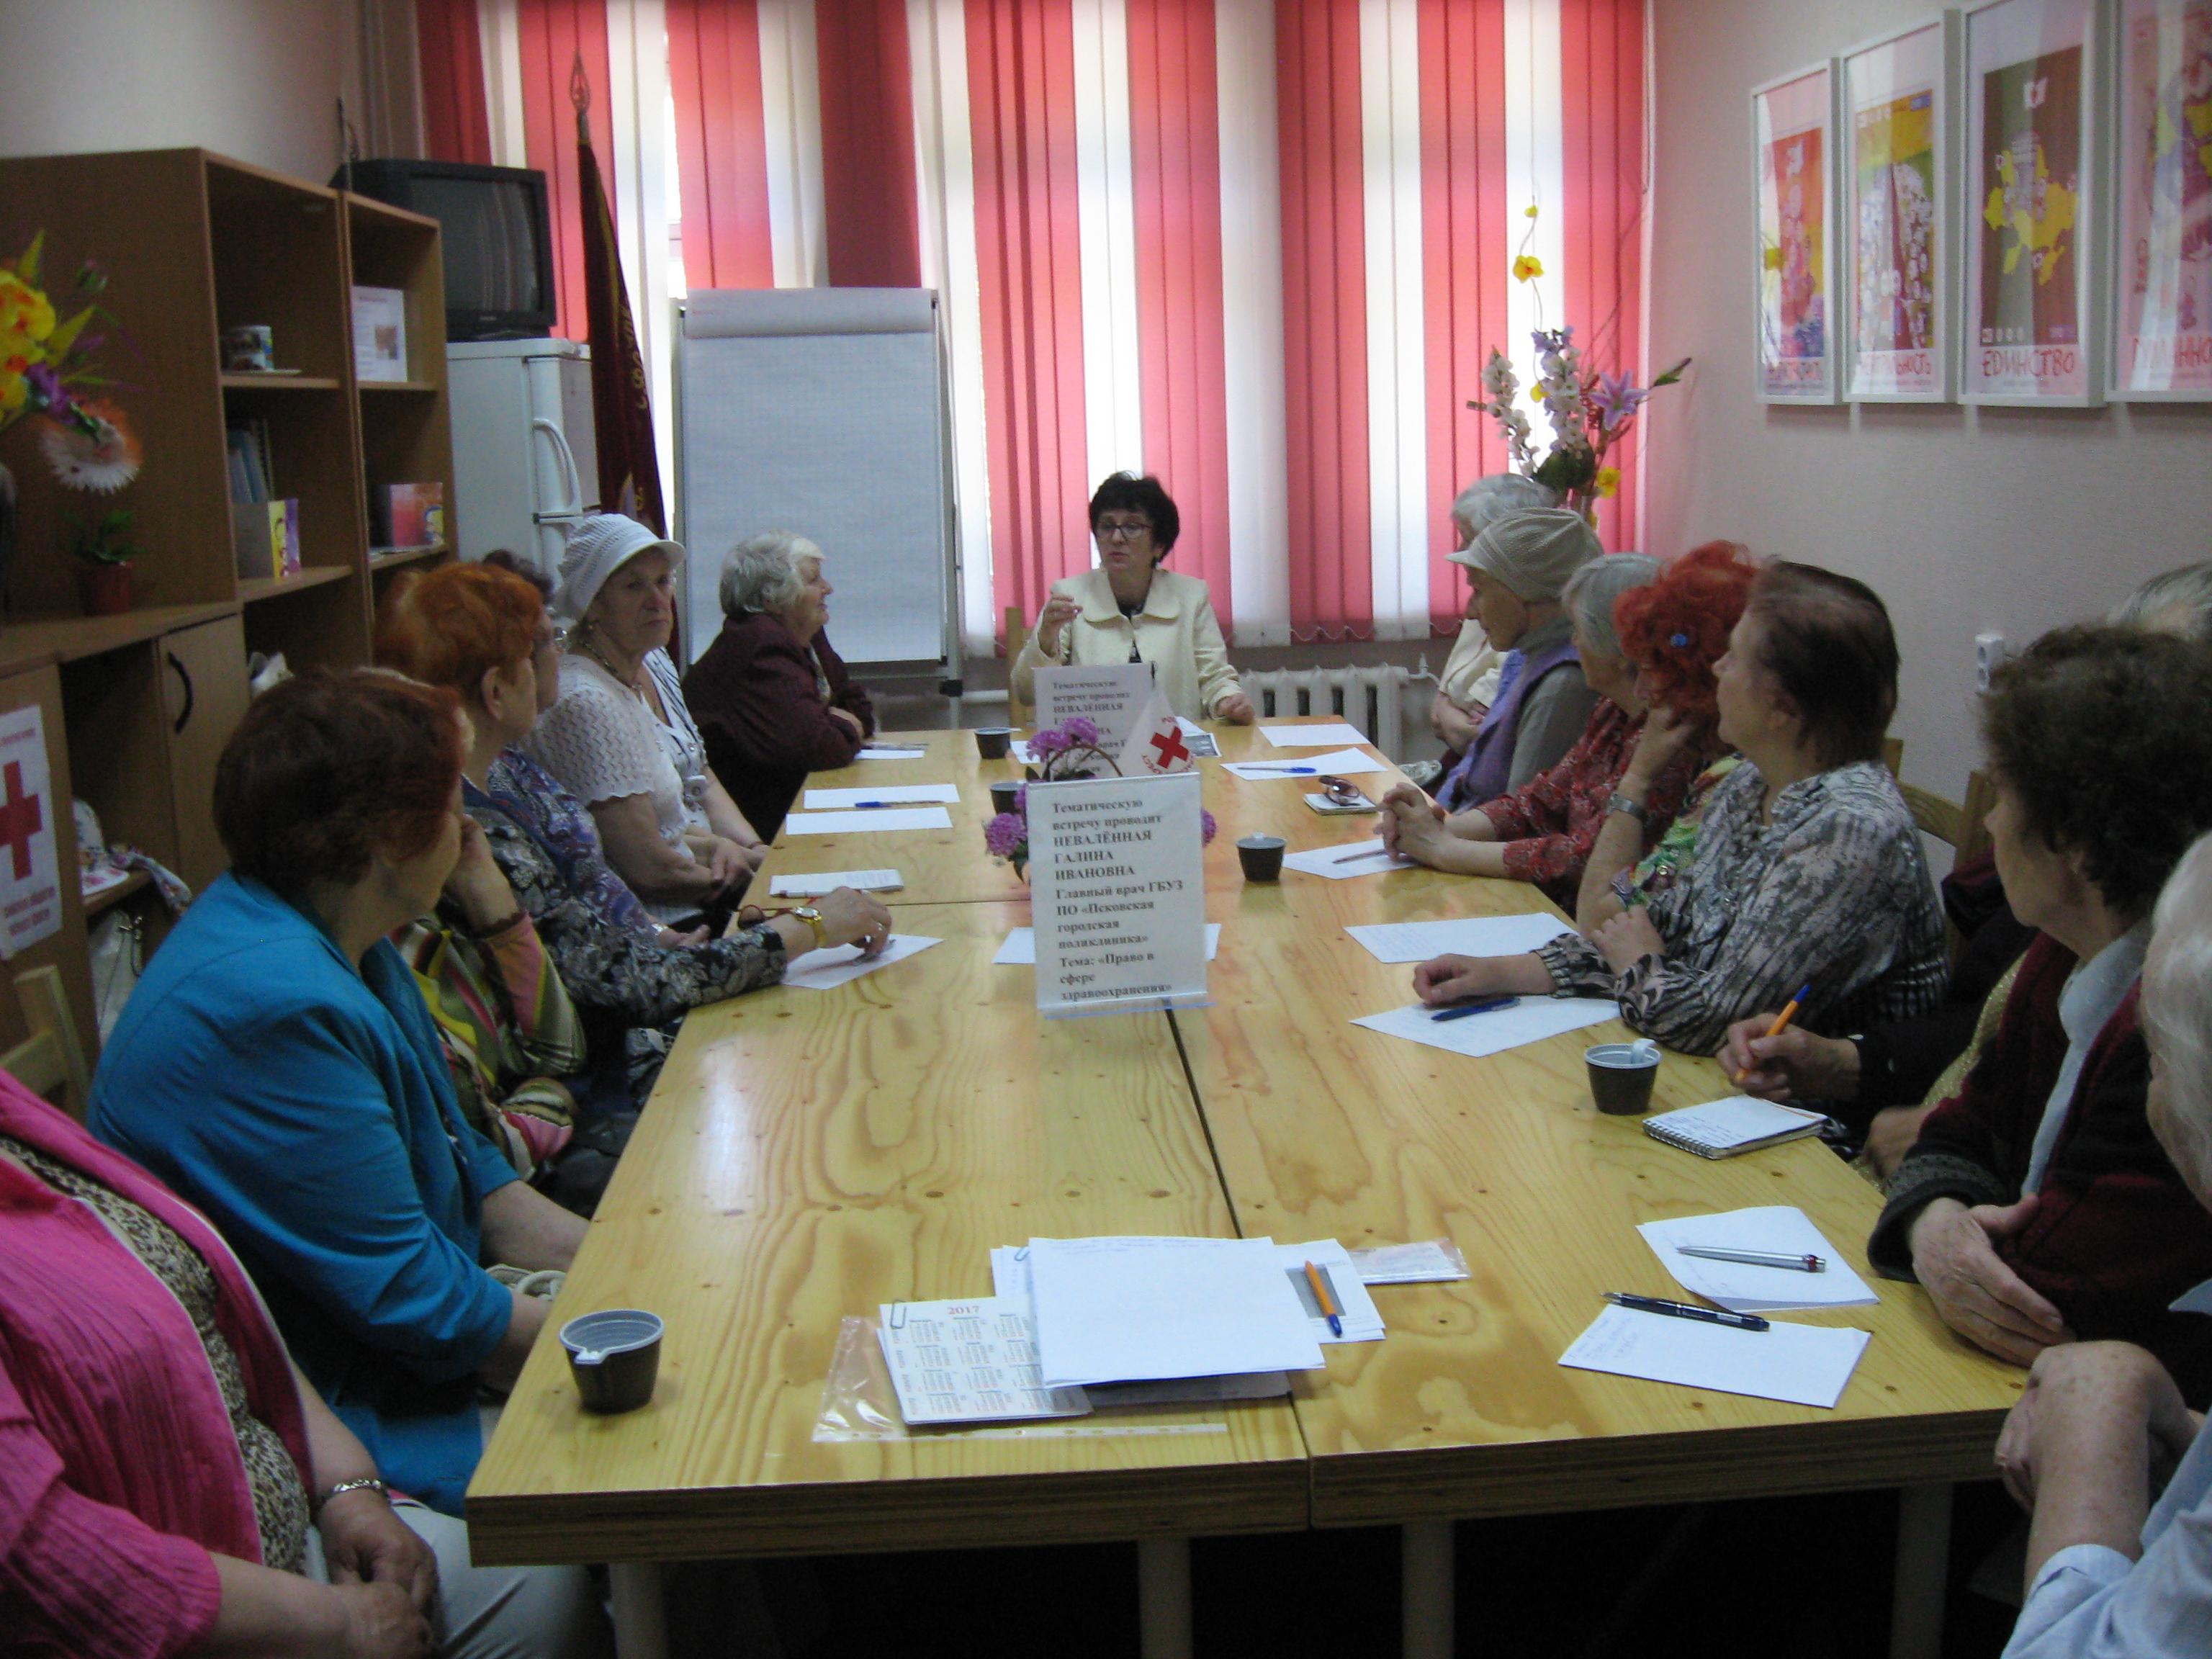 Центр помощи пожилых людей дом престарелых в москве свао